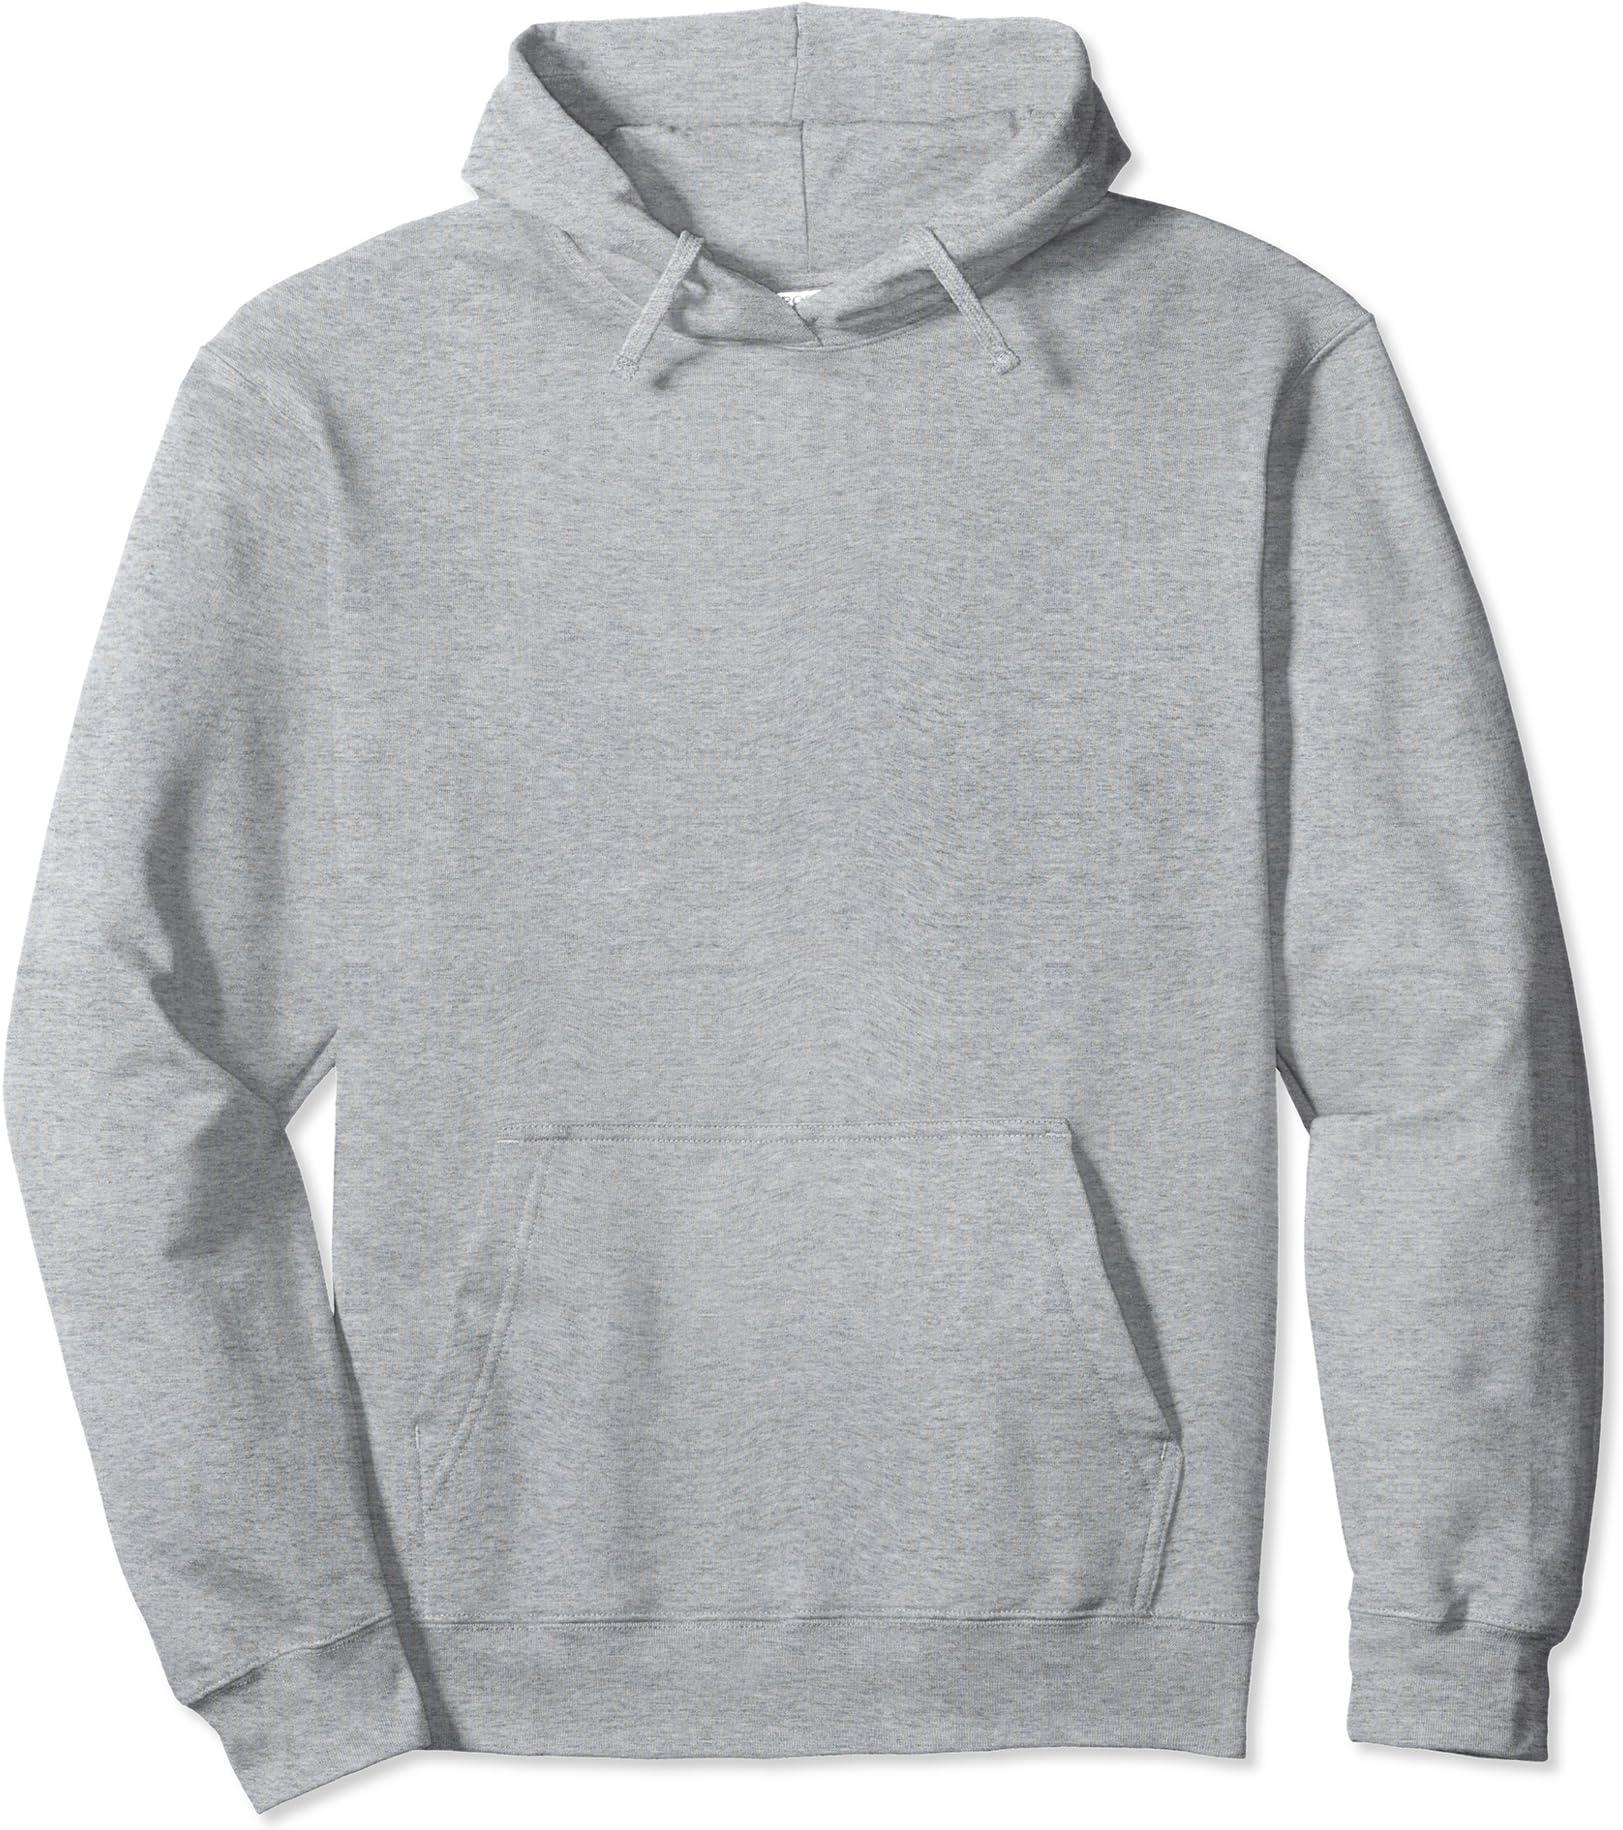 Womens Pullover Hoodies Lacrosse American Flag Long Sleeve Fleece Hooded Sweatshirt Sweater Blouses Tops